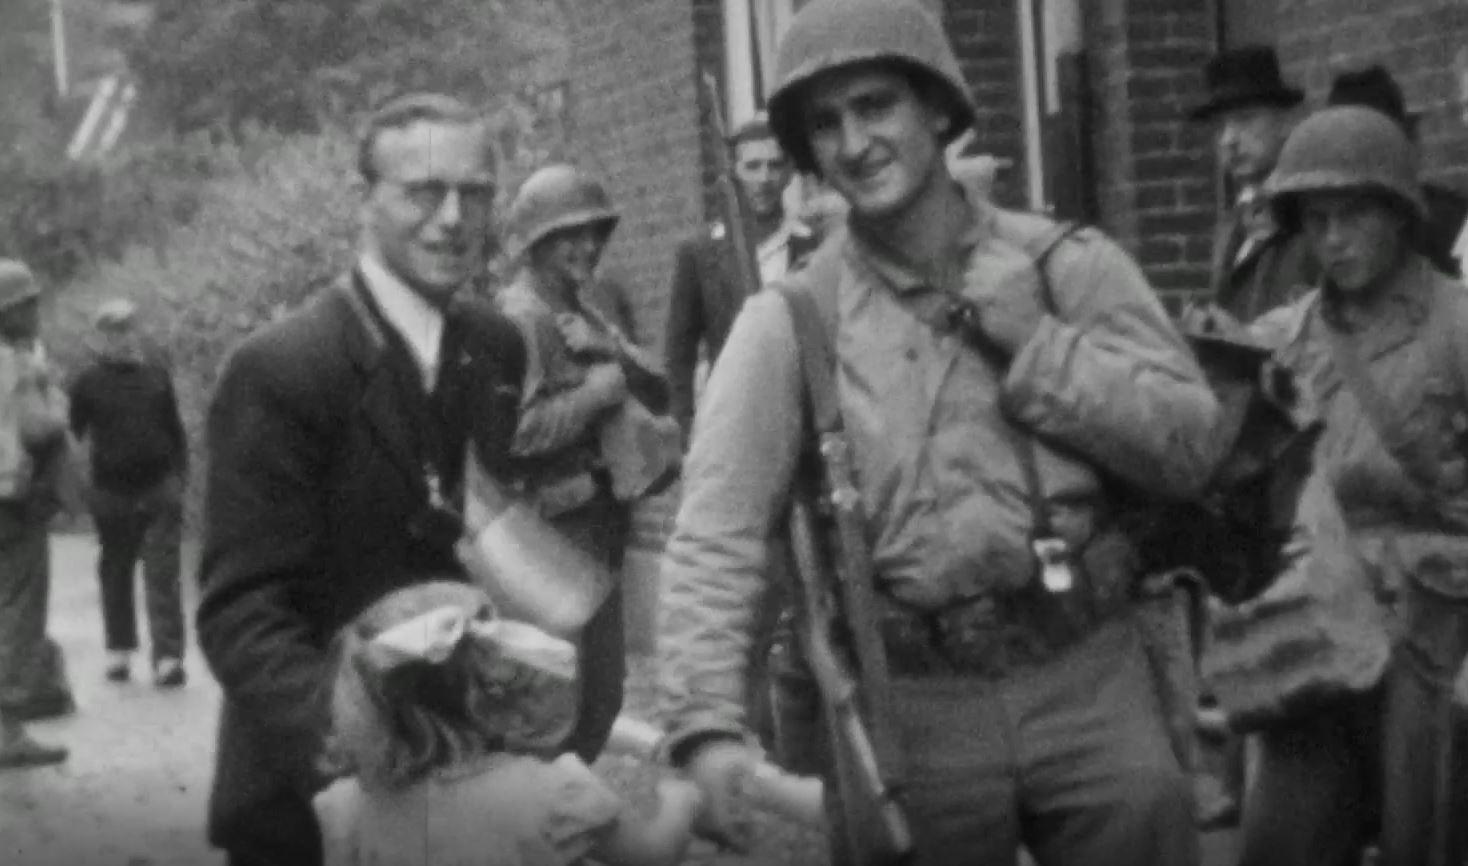 Stills uit de Graaflandfilm: Amerikaanse soldaten poseren met burgers tijdens de bevrijding van Maastricht in september 1944